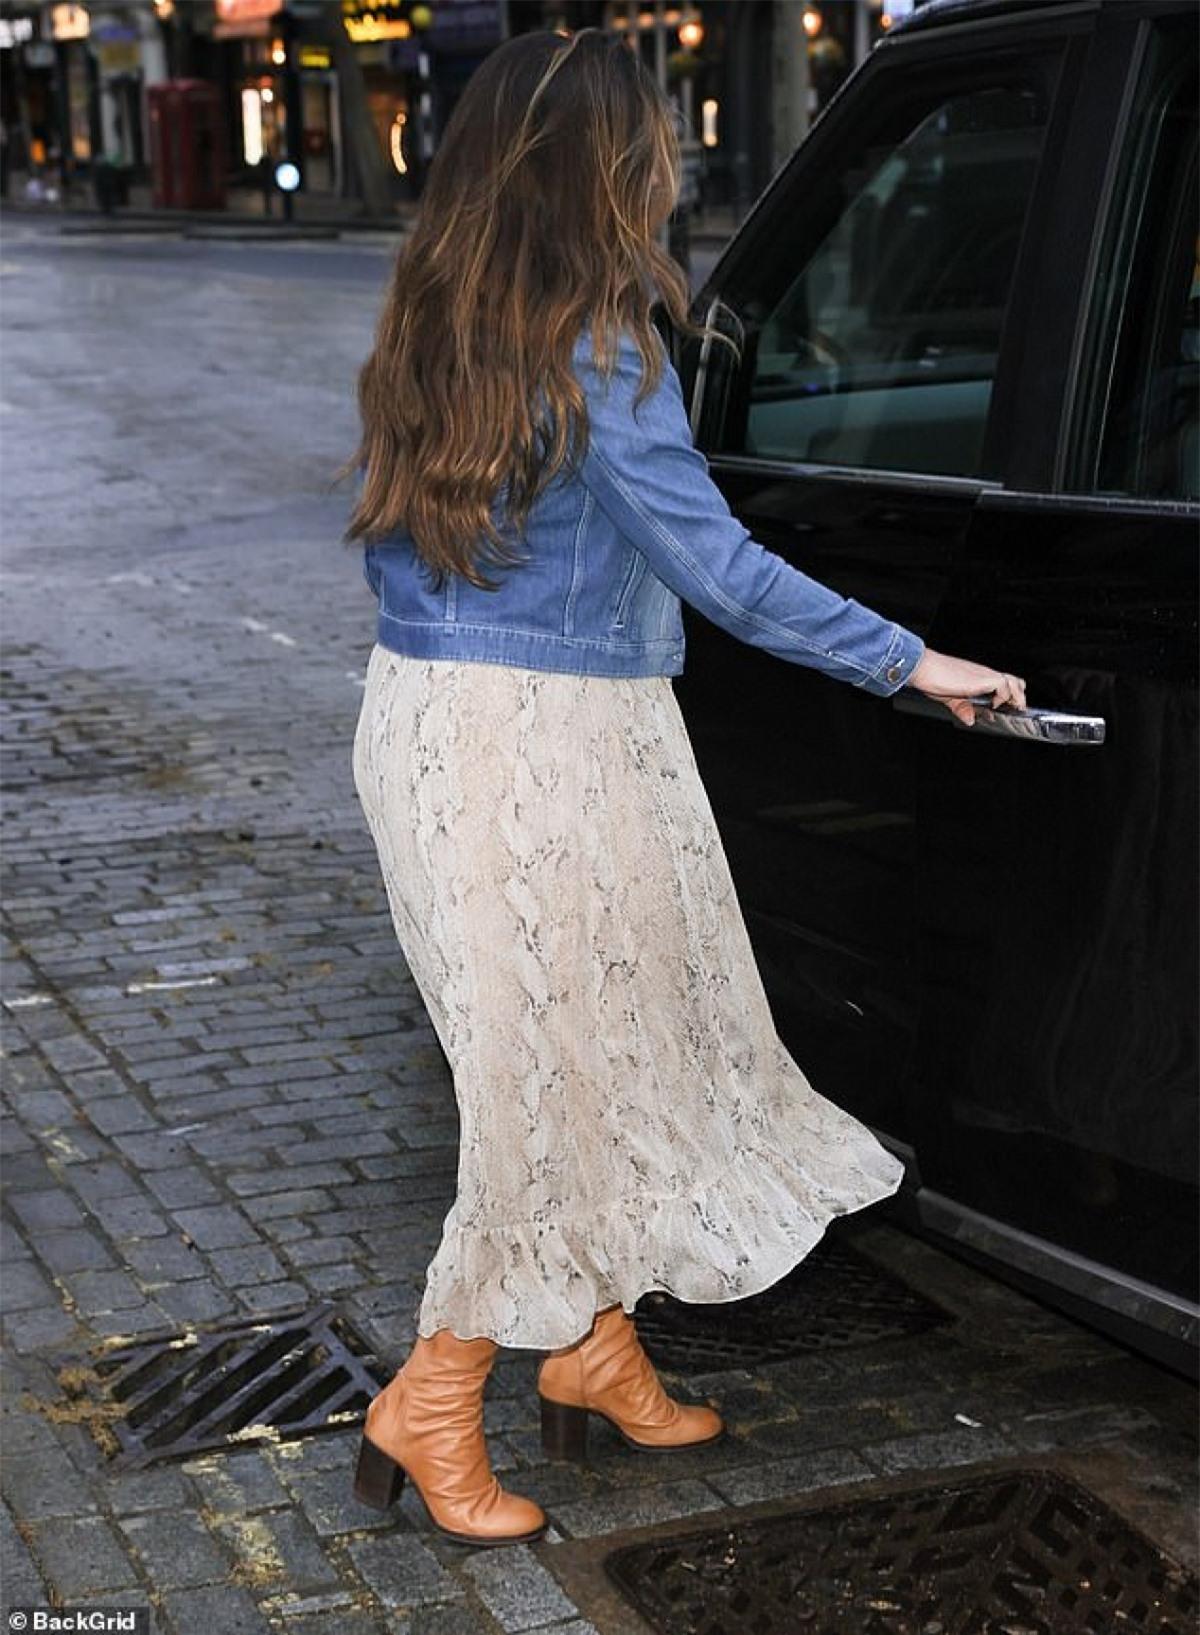 Được biết, người đẹp vừa rời khỏi phòng làm việc, ra phố đi dạo trên đường ướt mưa.